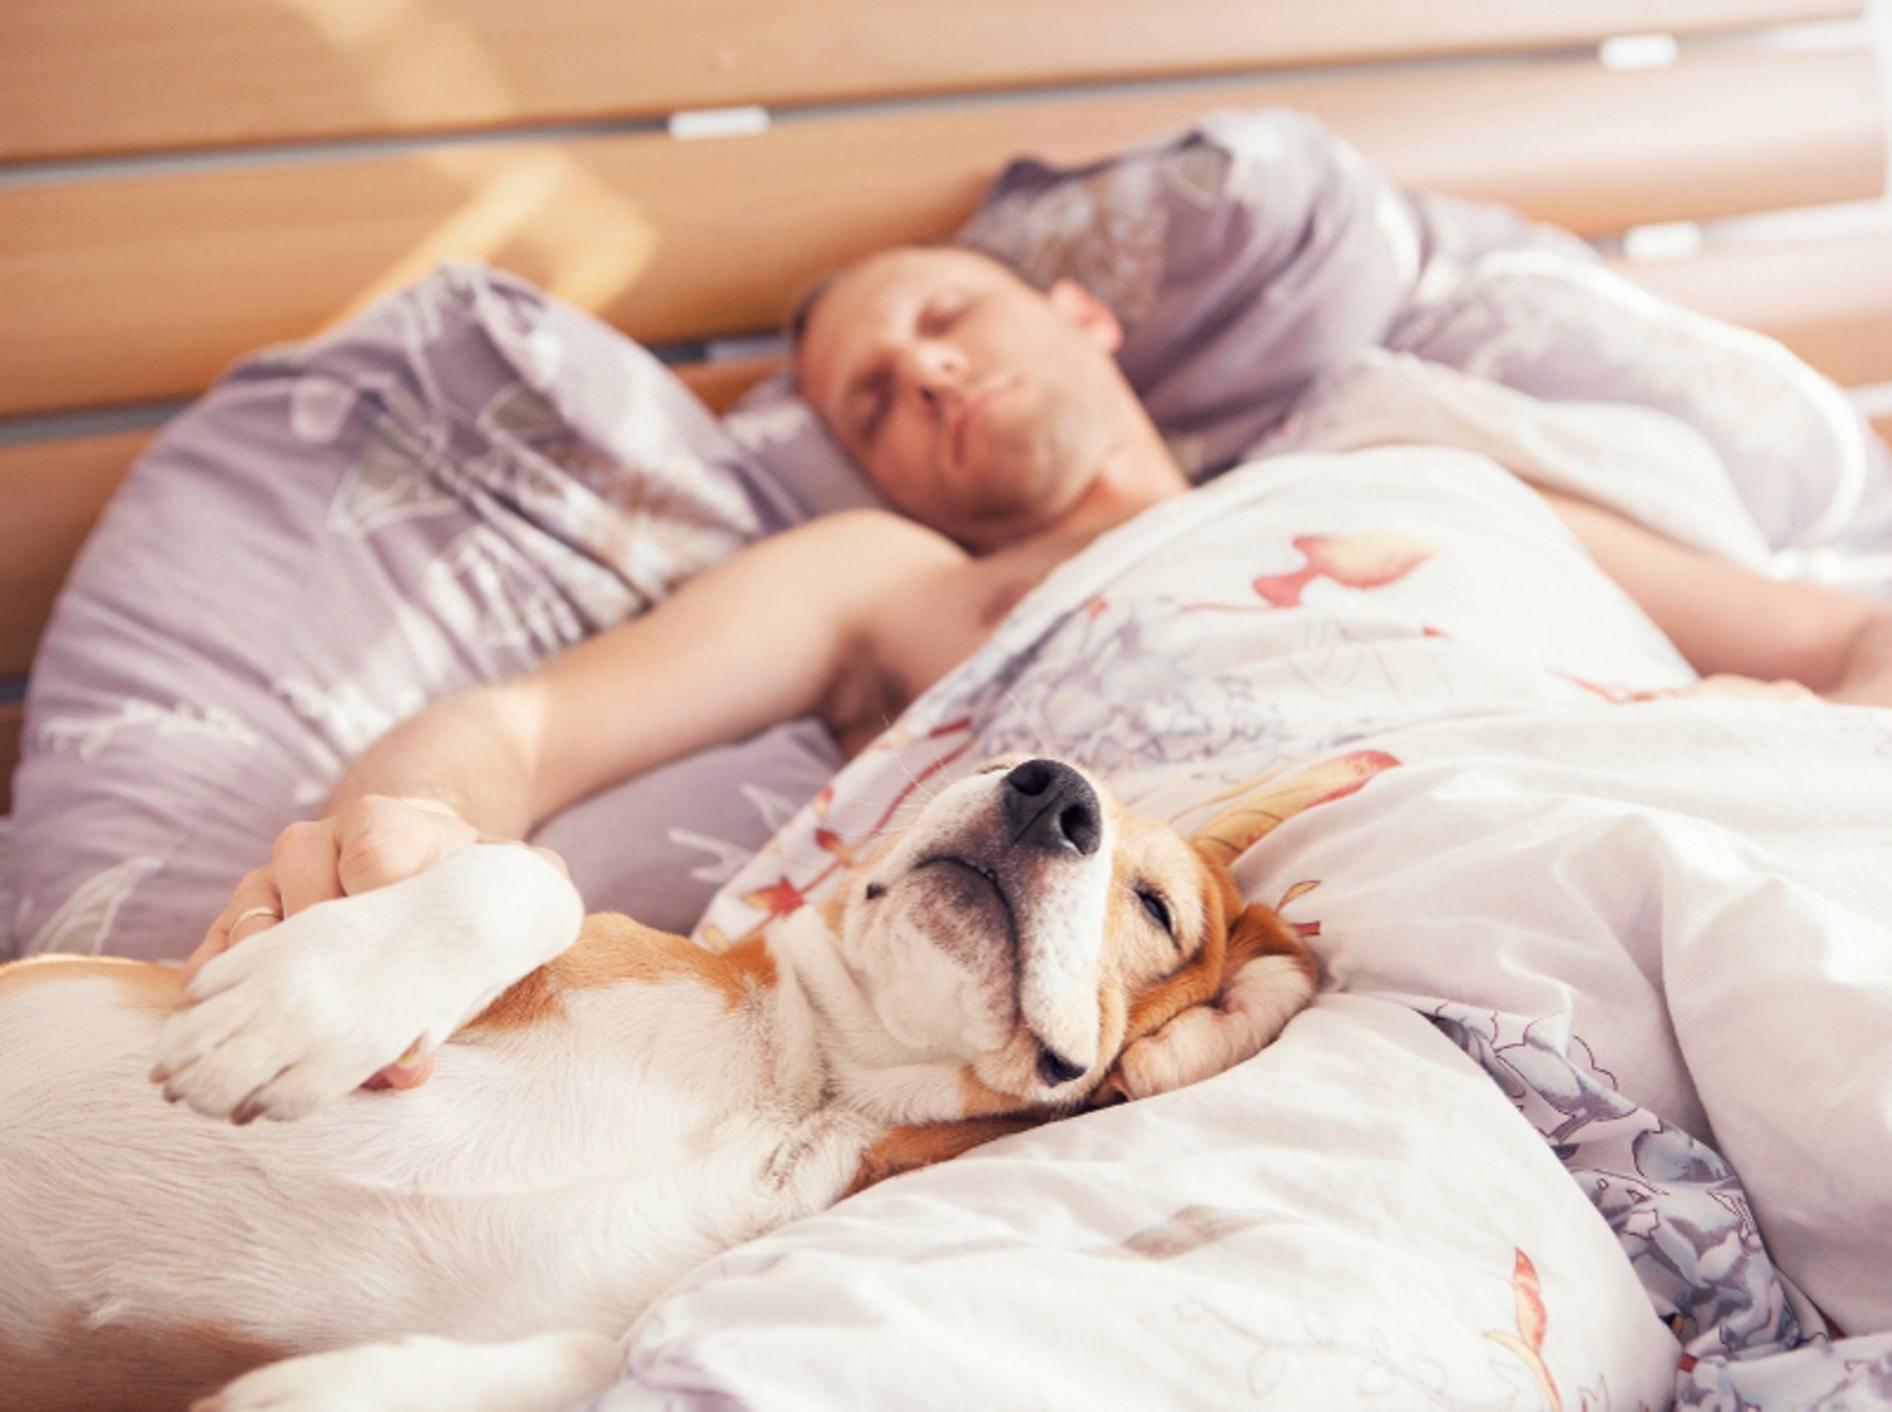 Sie haben verschlafen? Neeeeein, Sie mussten noch mit dem Hund raus und sind deswegen spät dran... – Shutterstock / Soloviova Liudmyla